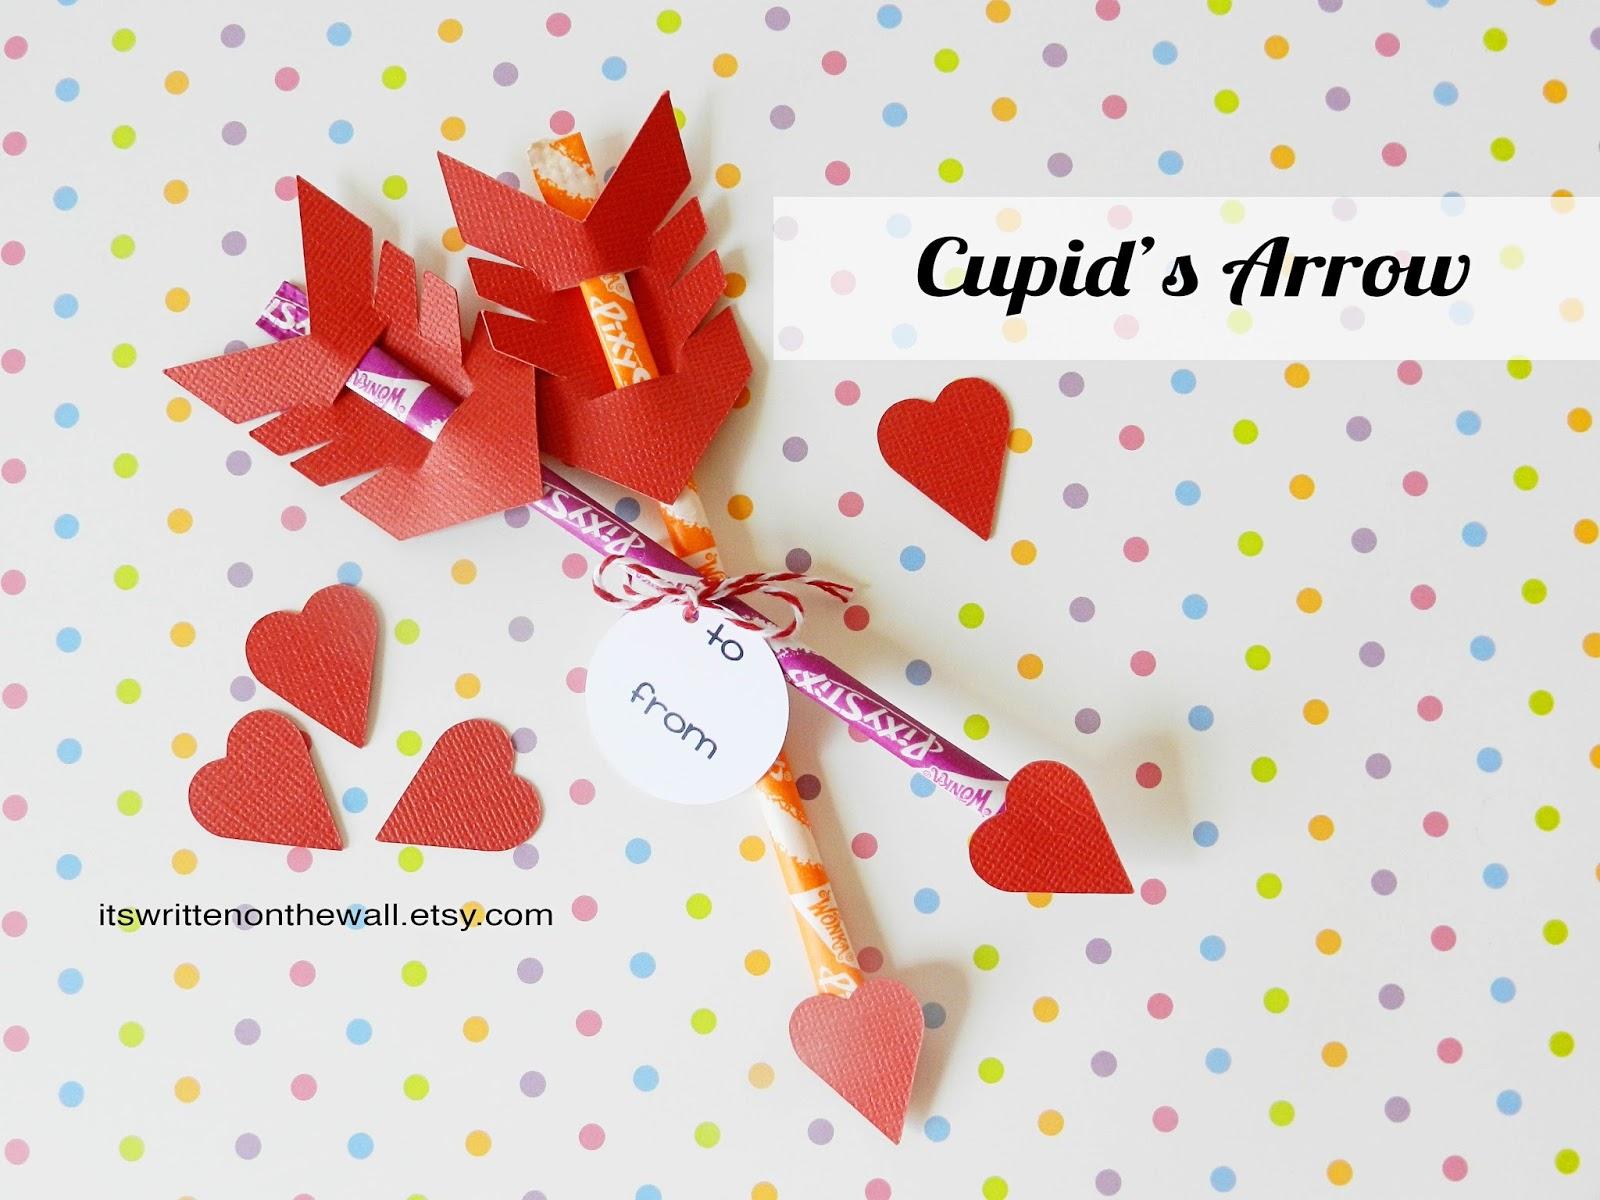 it u0027s written on the wall valentine u0027s day treat cupid u0027s arrow